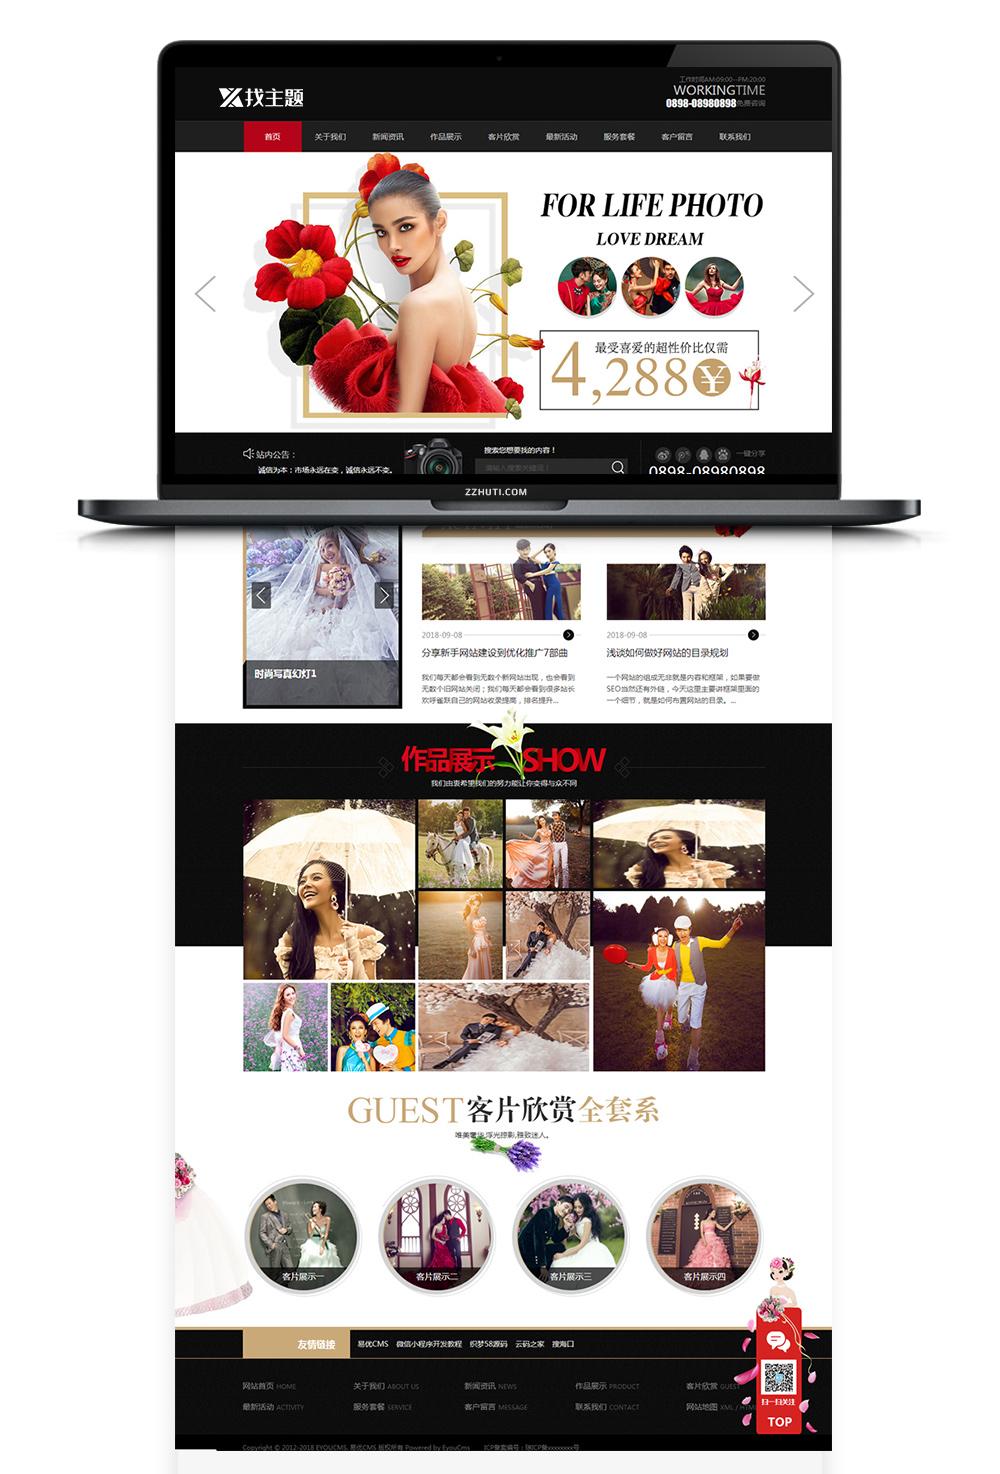 【婚纱摄影】易优CMS 响应式时尚婚纱写真设计工作室网站源码-找主题源码